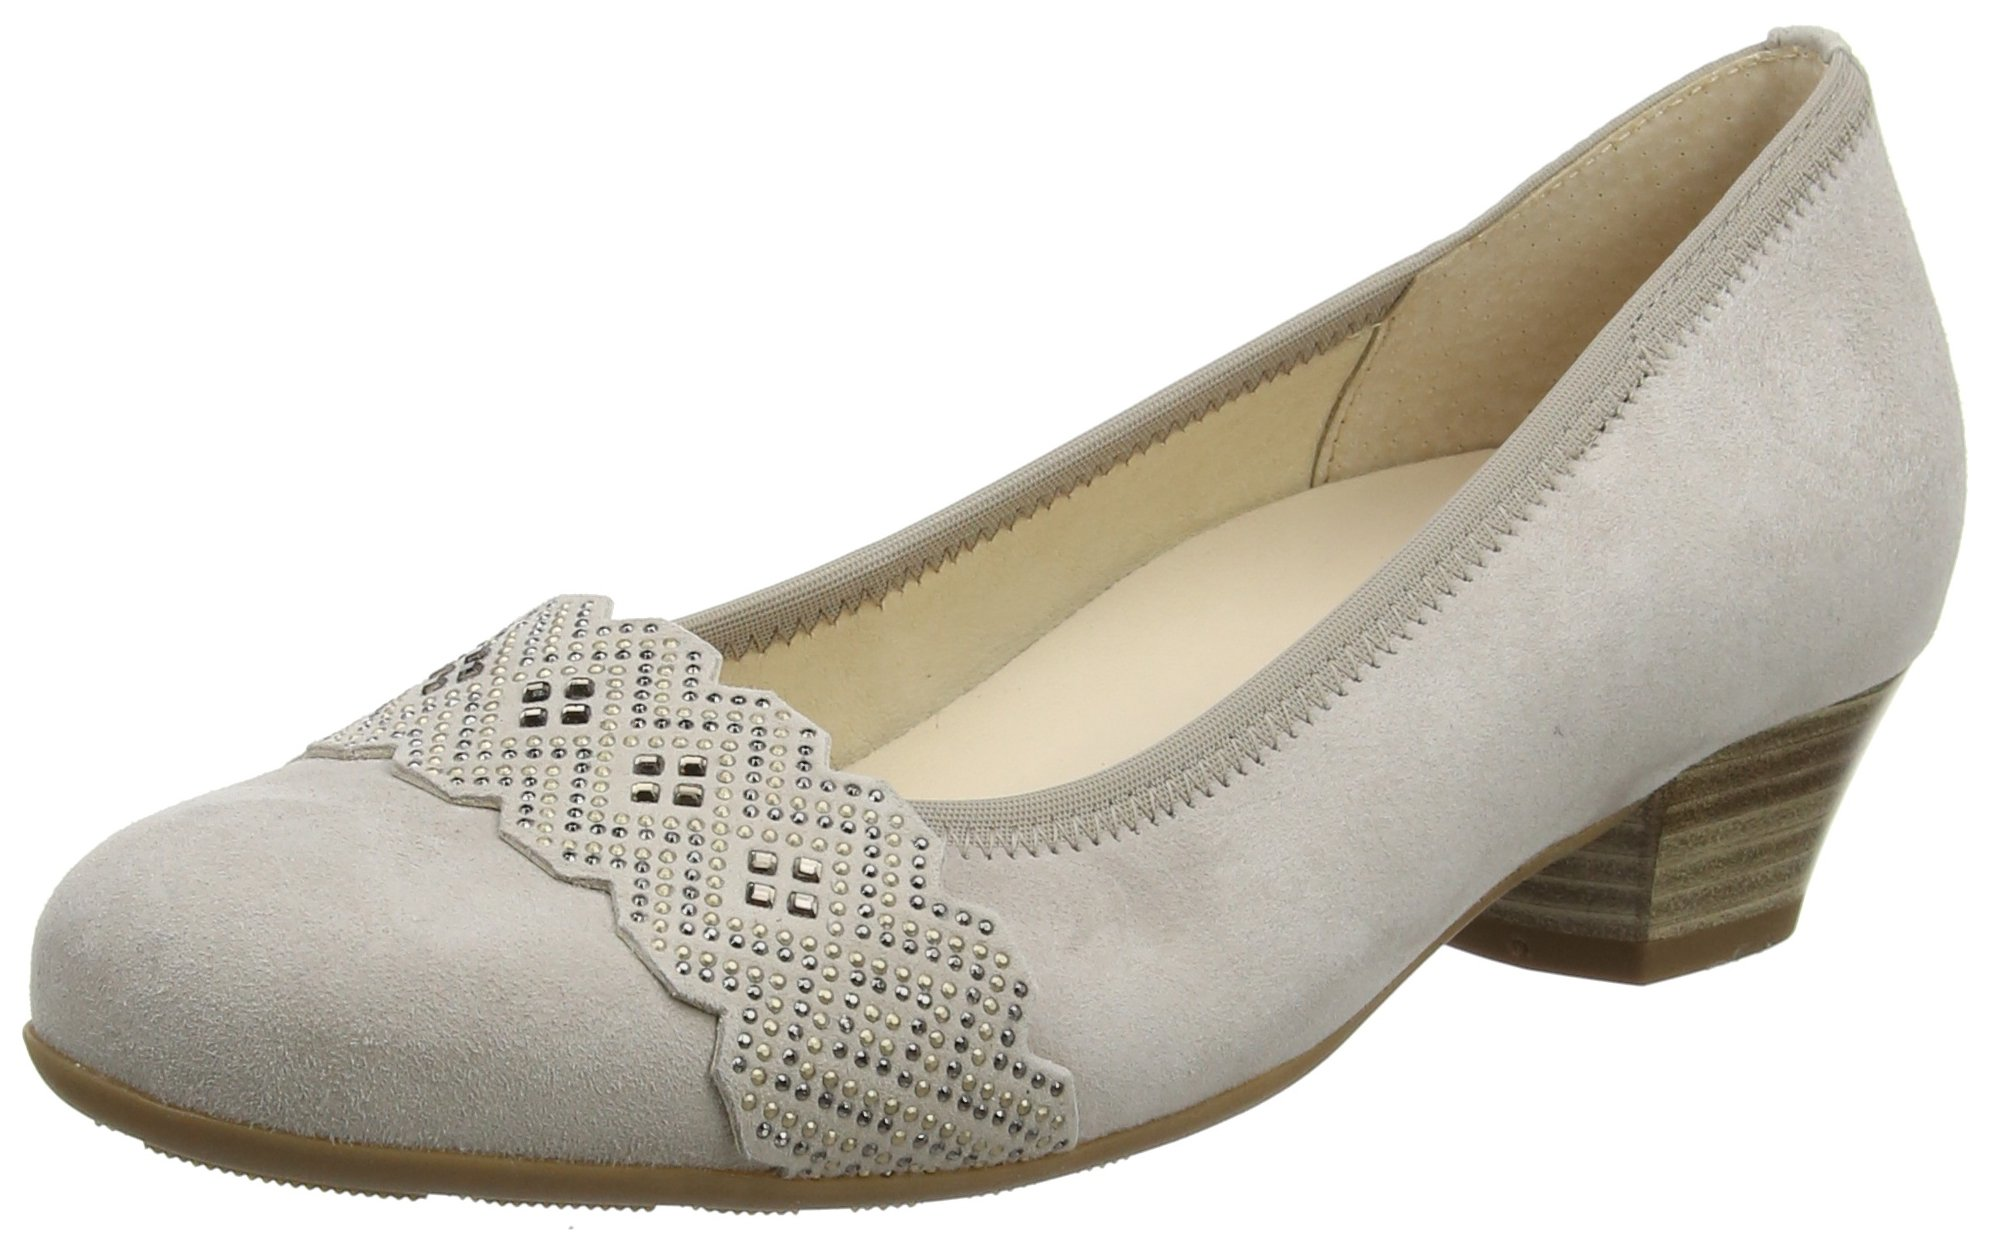 Gabor 4440 ShoesComfort Escarpins Femme Grispuder 5 Eu thQrdsCx